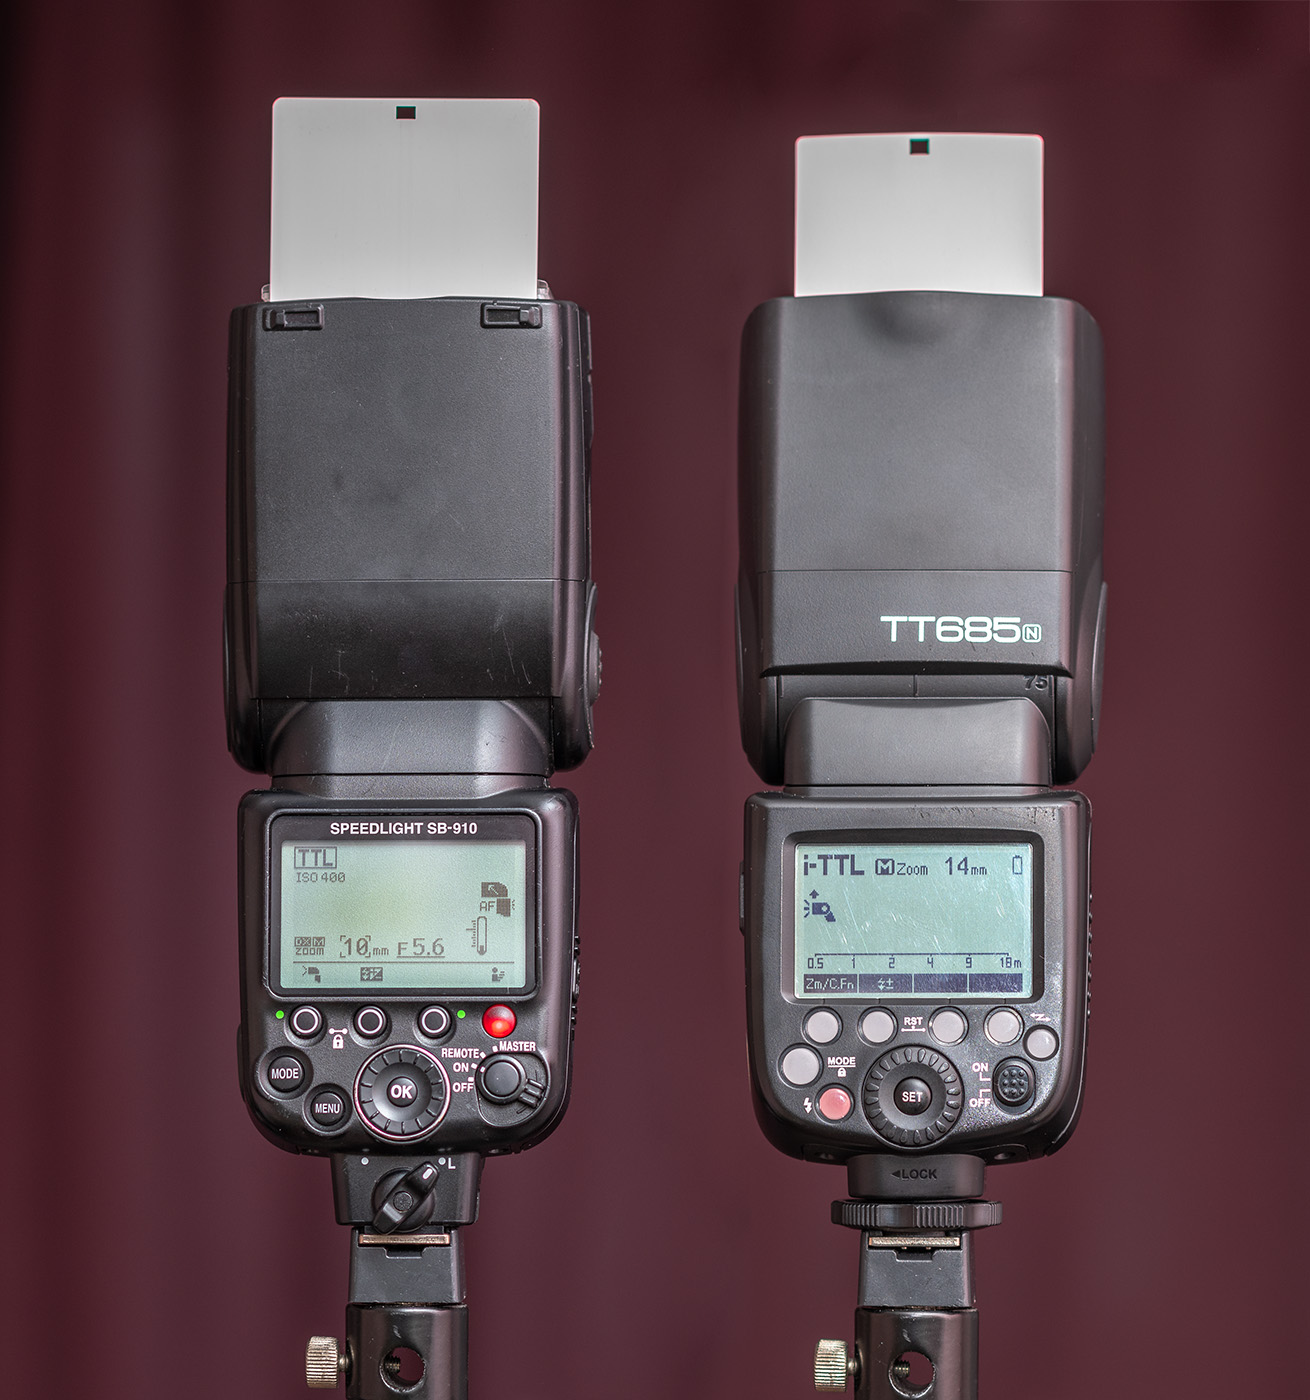 Фотография 2. Внешний вид вспышек Nikon SB-910 и Godox TT685n. Вид сзади. Сравниваем плюсы и минусы обеих моделей.